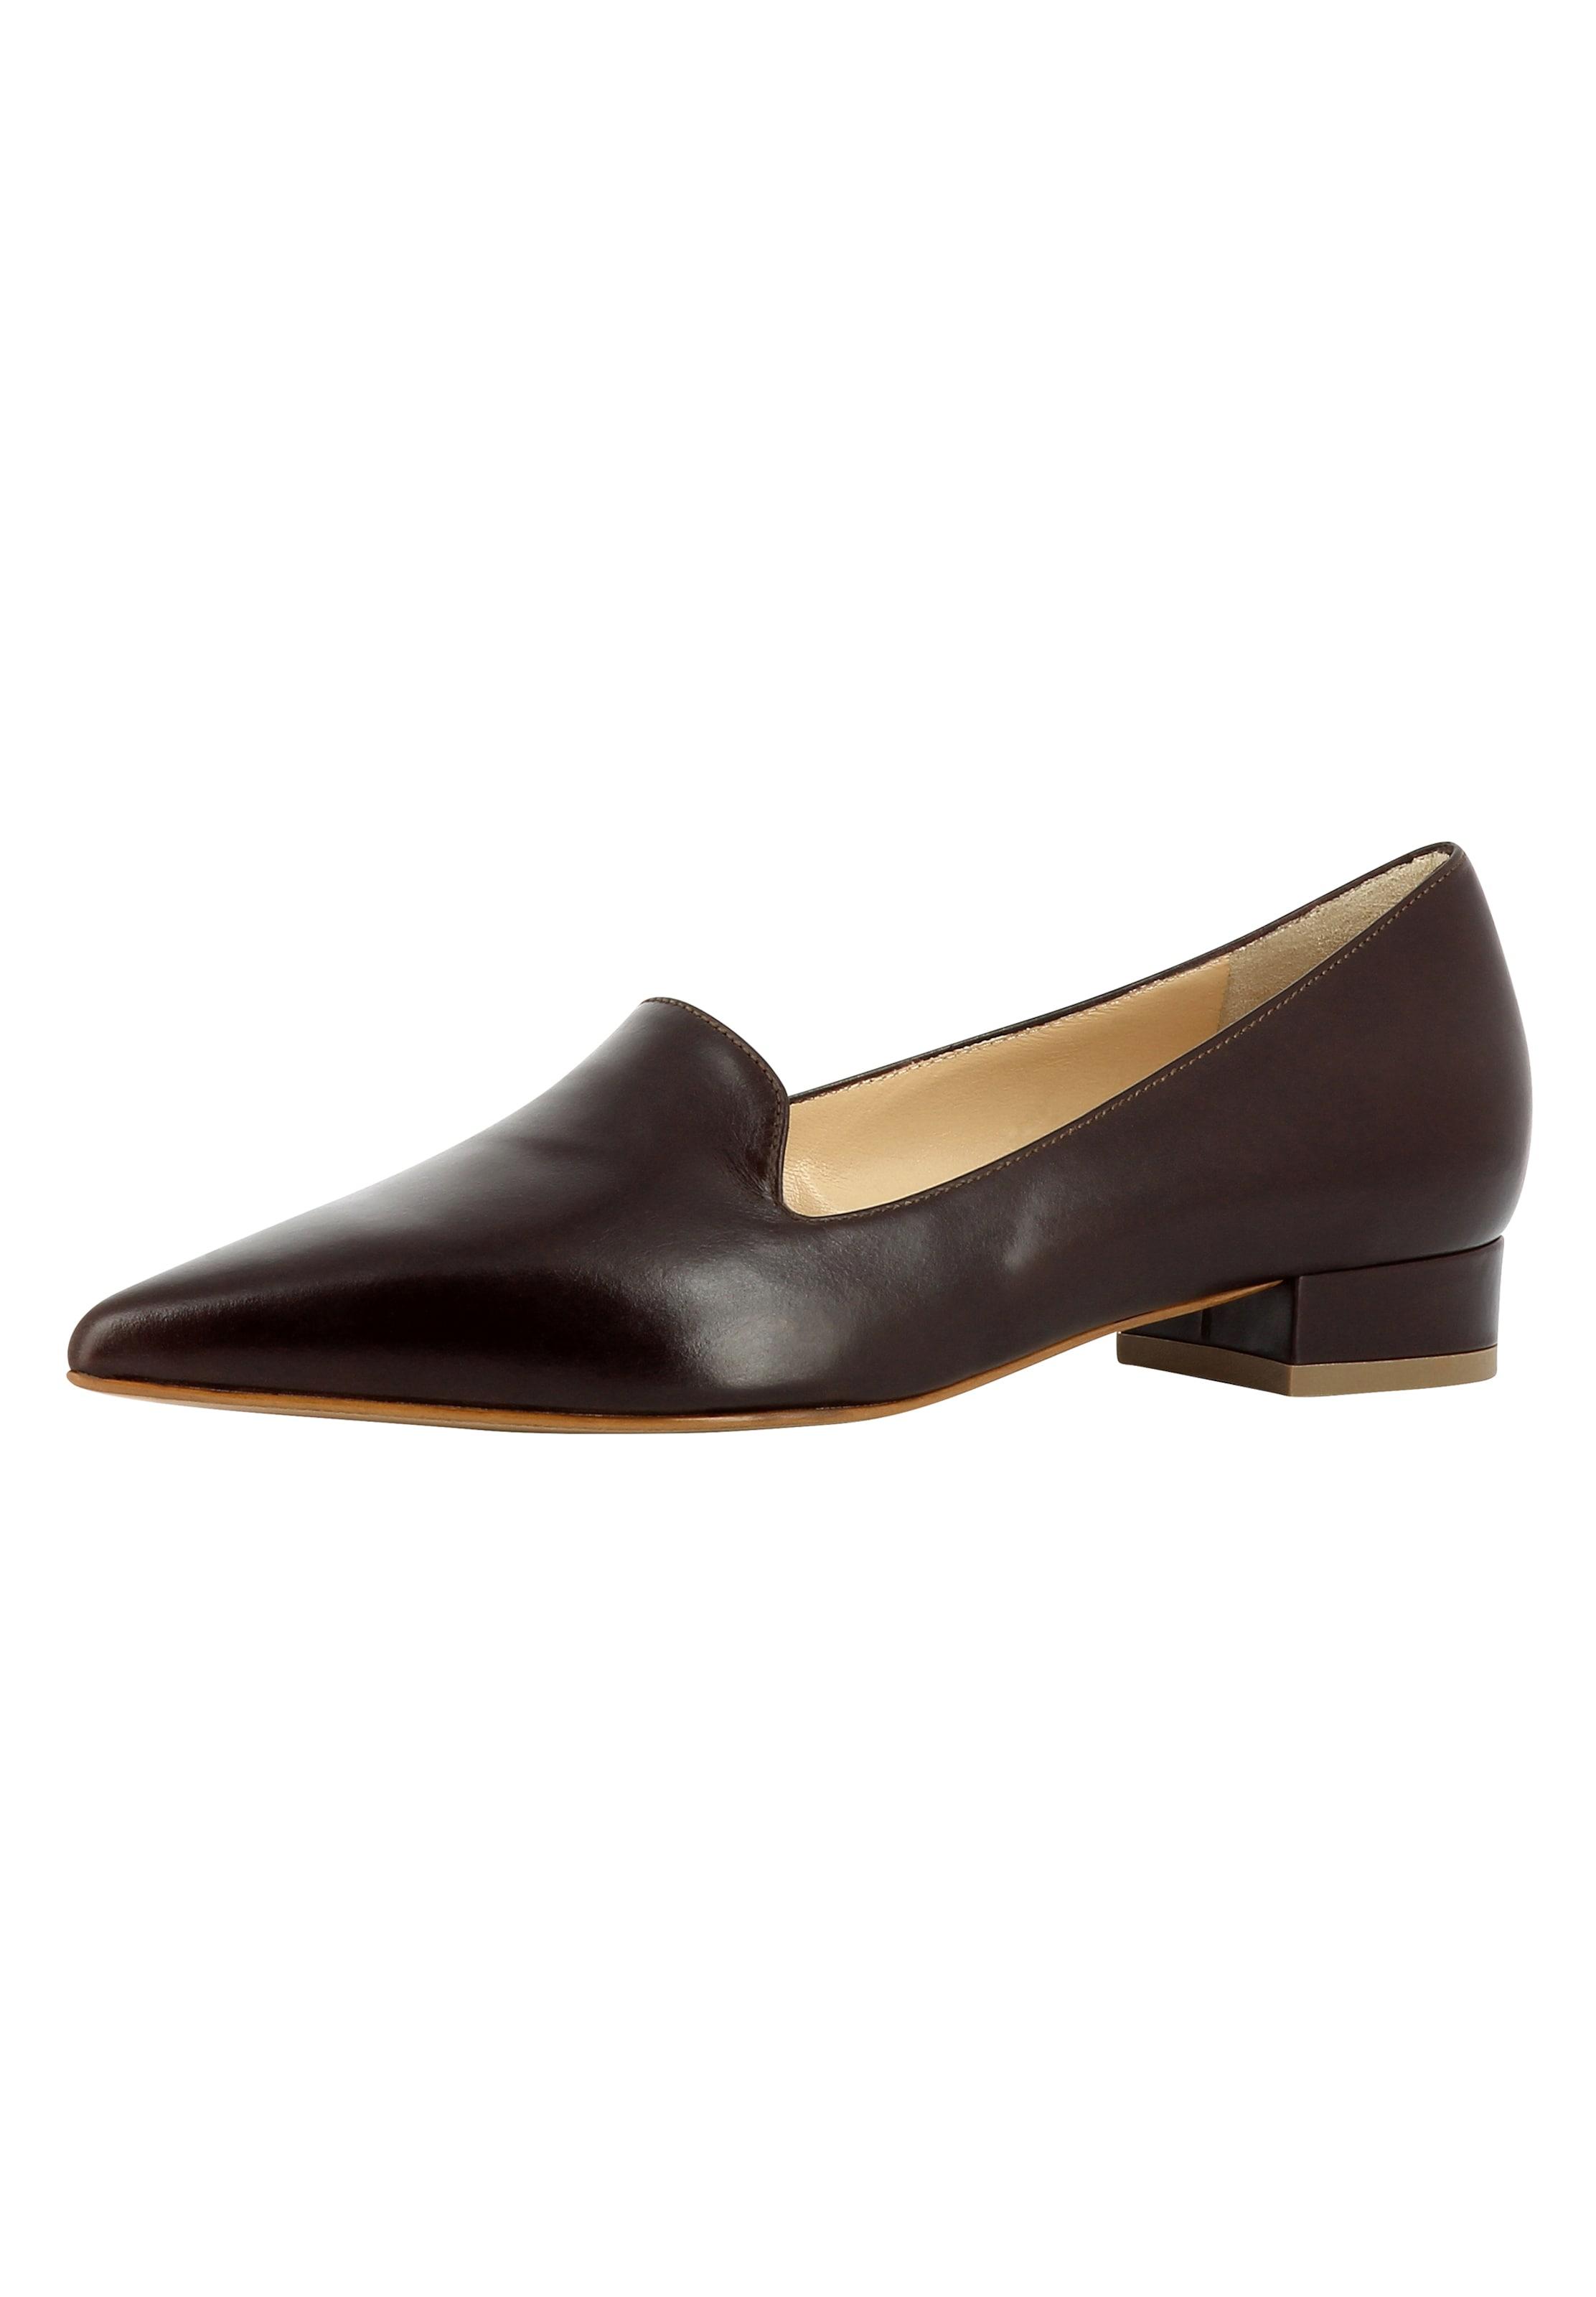 EVITA Damen Slipper Günstige und langlebige Schuhe